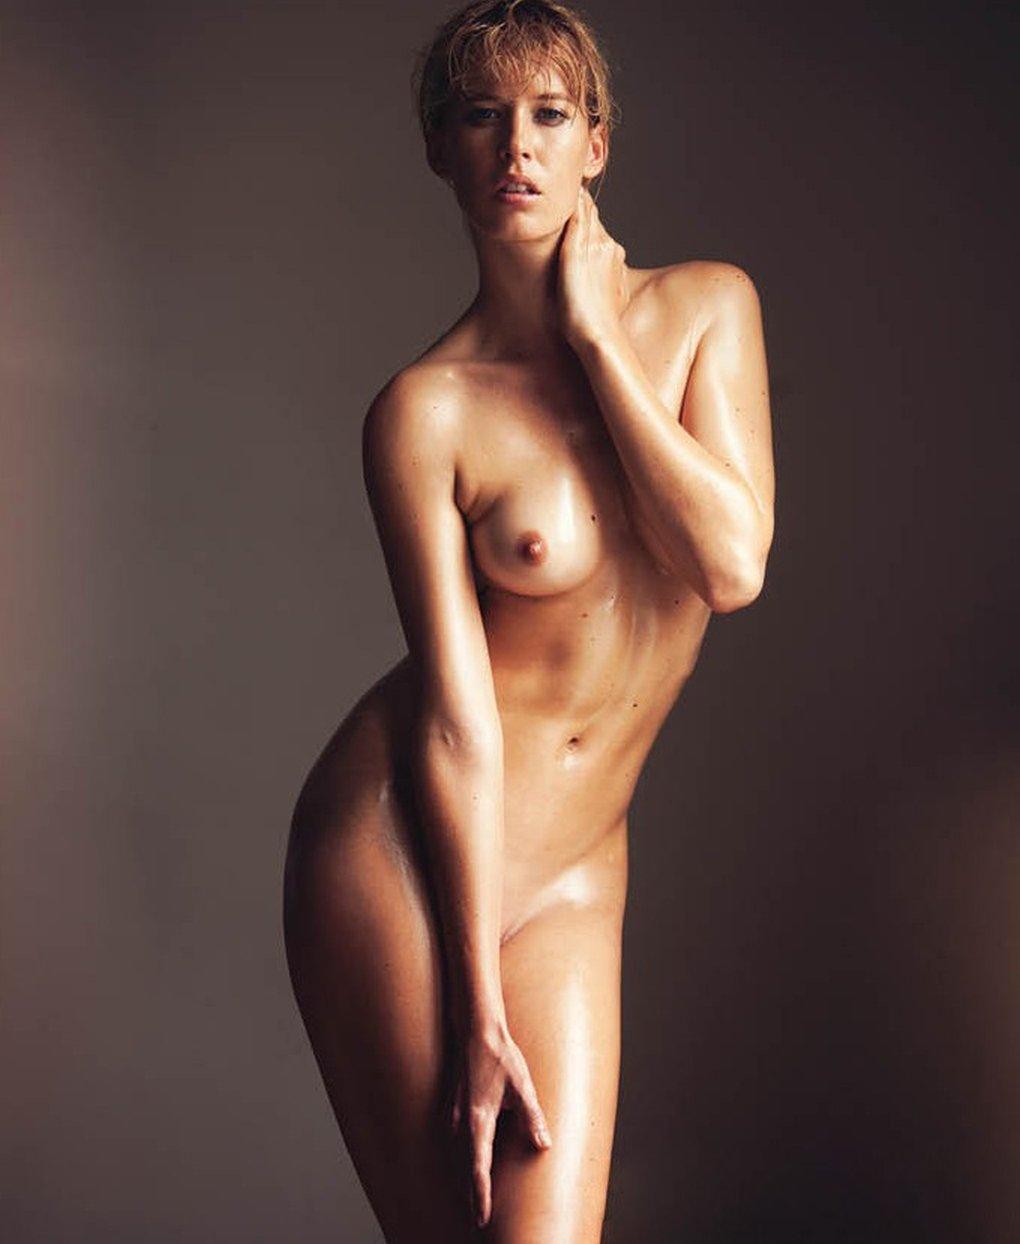 cisco tschurtschenthaler,nude,naked,david bellemere,breasts